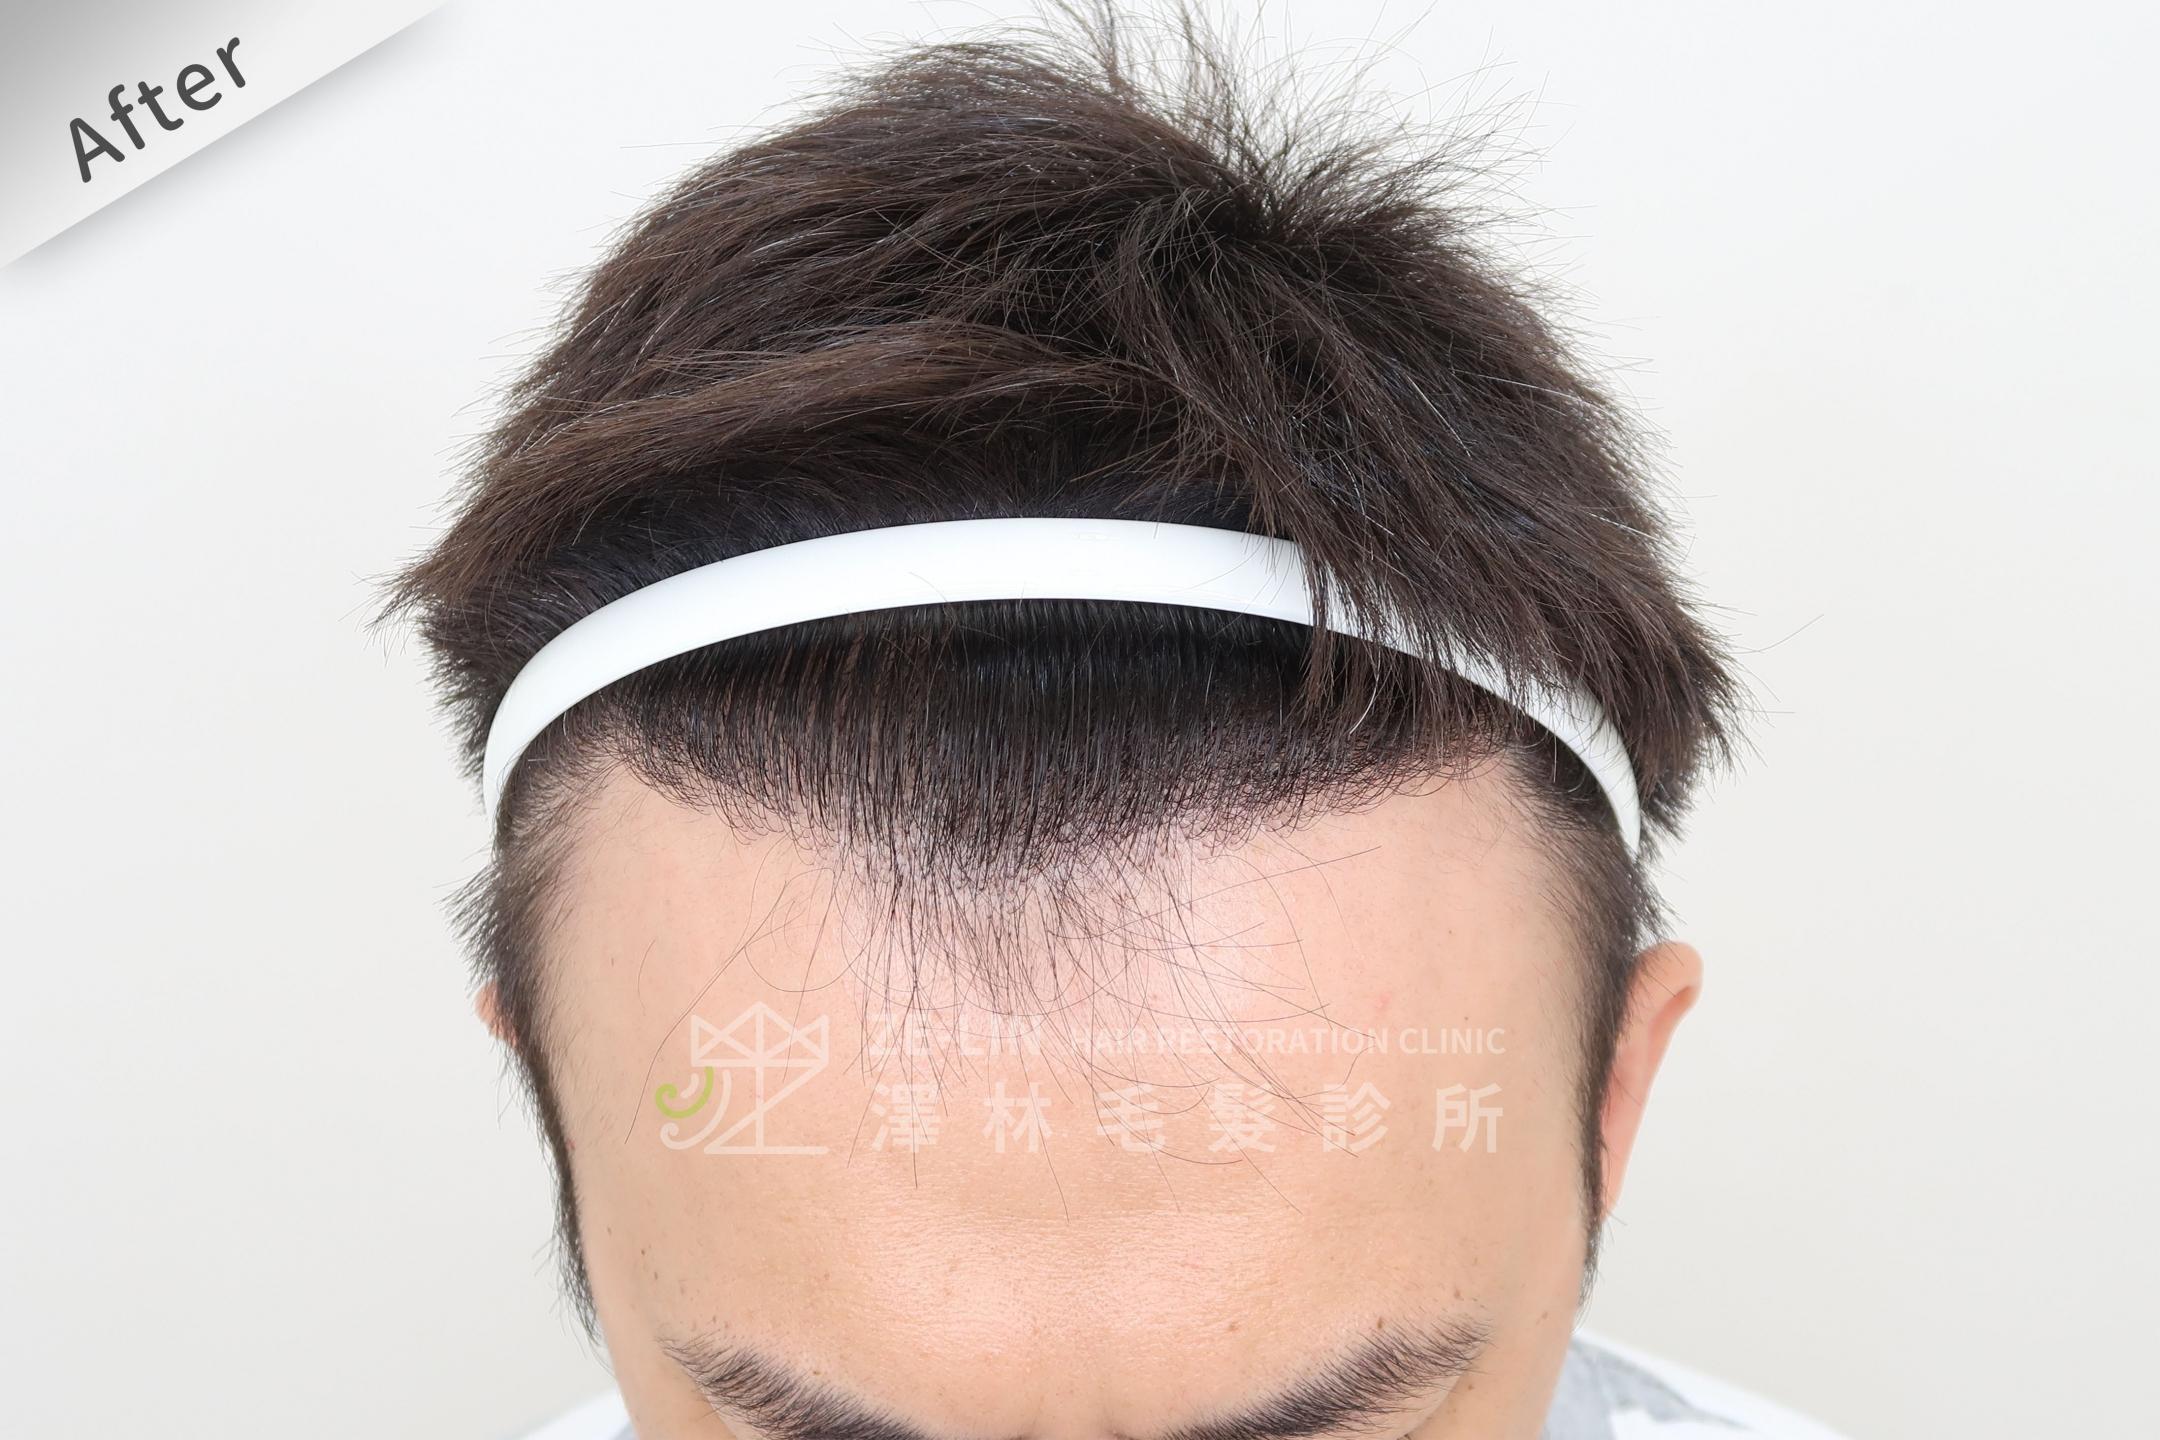 M型禿植髮推薦案例心得分享術後9-2